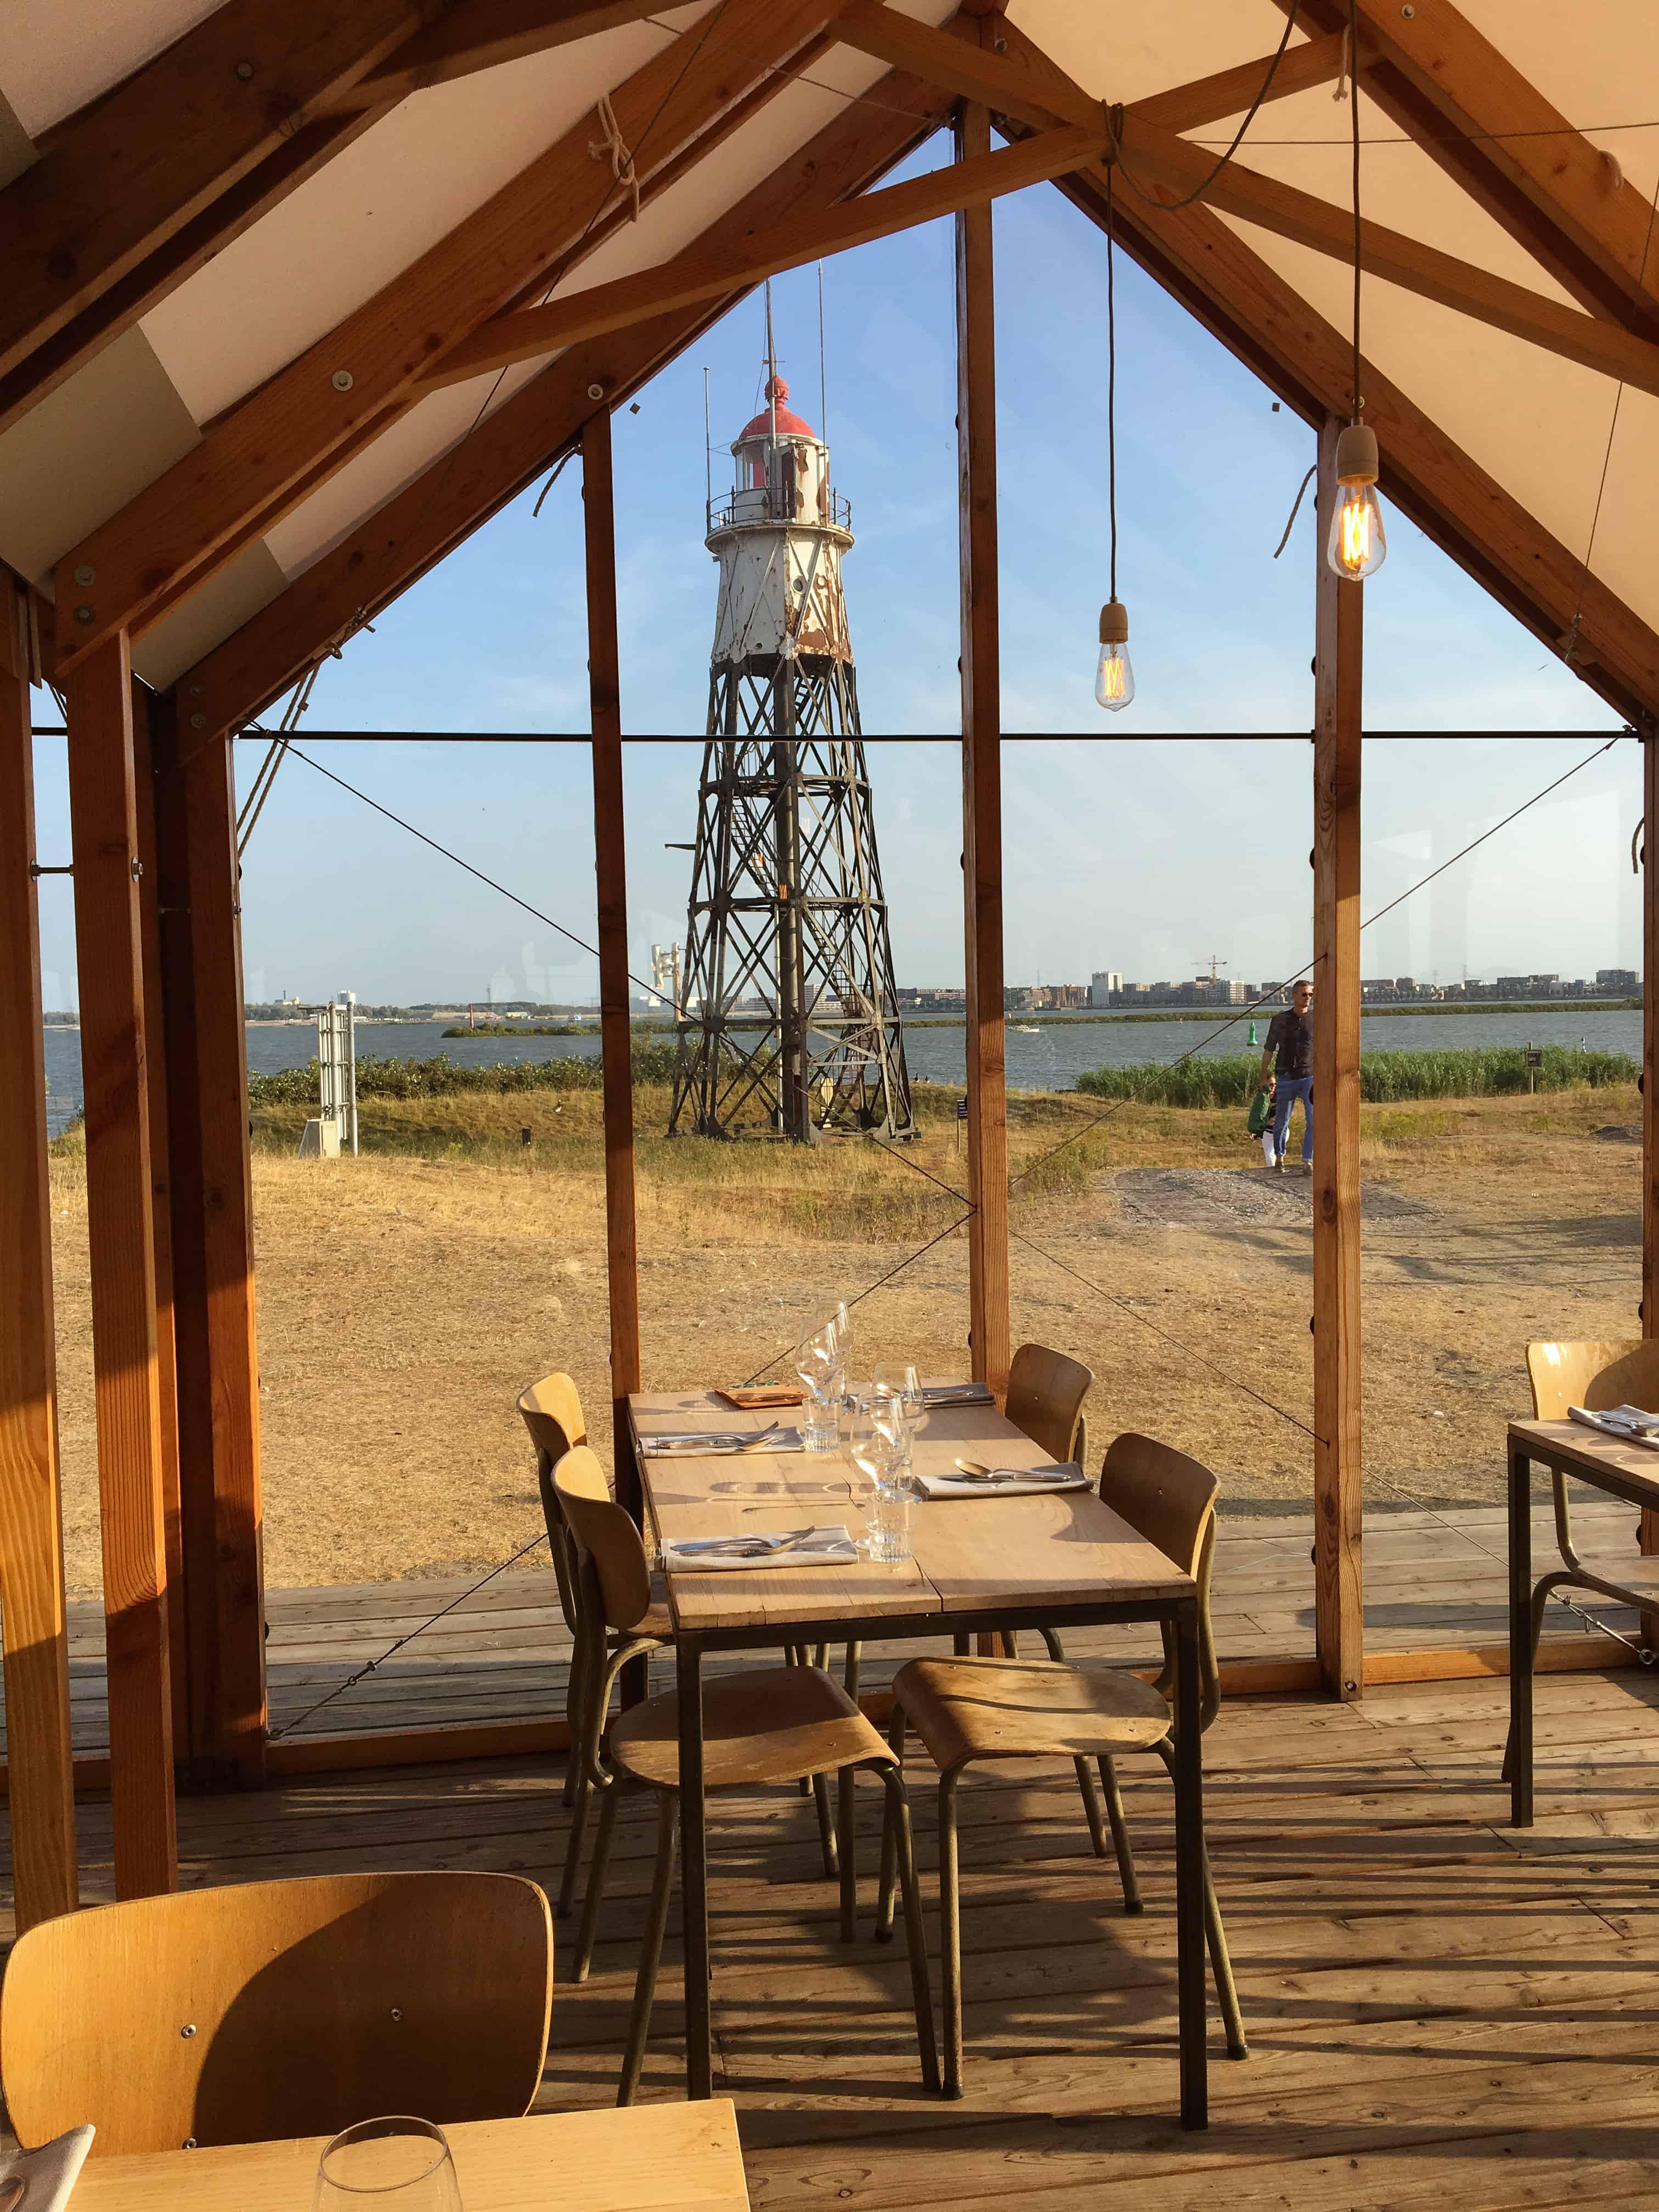 Vuurtoreneiland is een klein eilandje in het IJmeer net voor IJdoorn en Durgerdam. Het werd in 1701 aangelegd en lang waren de vuurtoren (de enige in Amsterdam) en het bijbehorende wachtershuisje de enige bewonder van het eiland. Maar, in 2013 werd er door Staatsbosbeheer een herbestemming gezocht voor het eiland en werd er besloten een restaurant te beginnen in een grote lichte kas midden op het eiland. Inmiddels is het restaurant een groot succes.